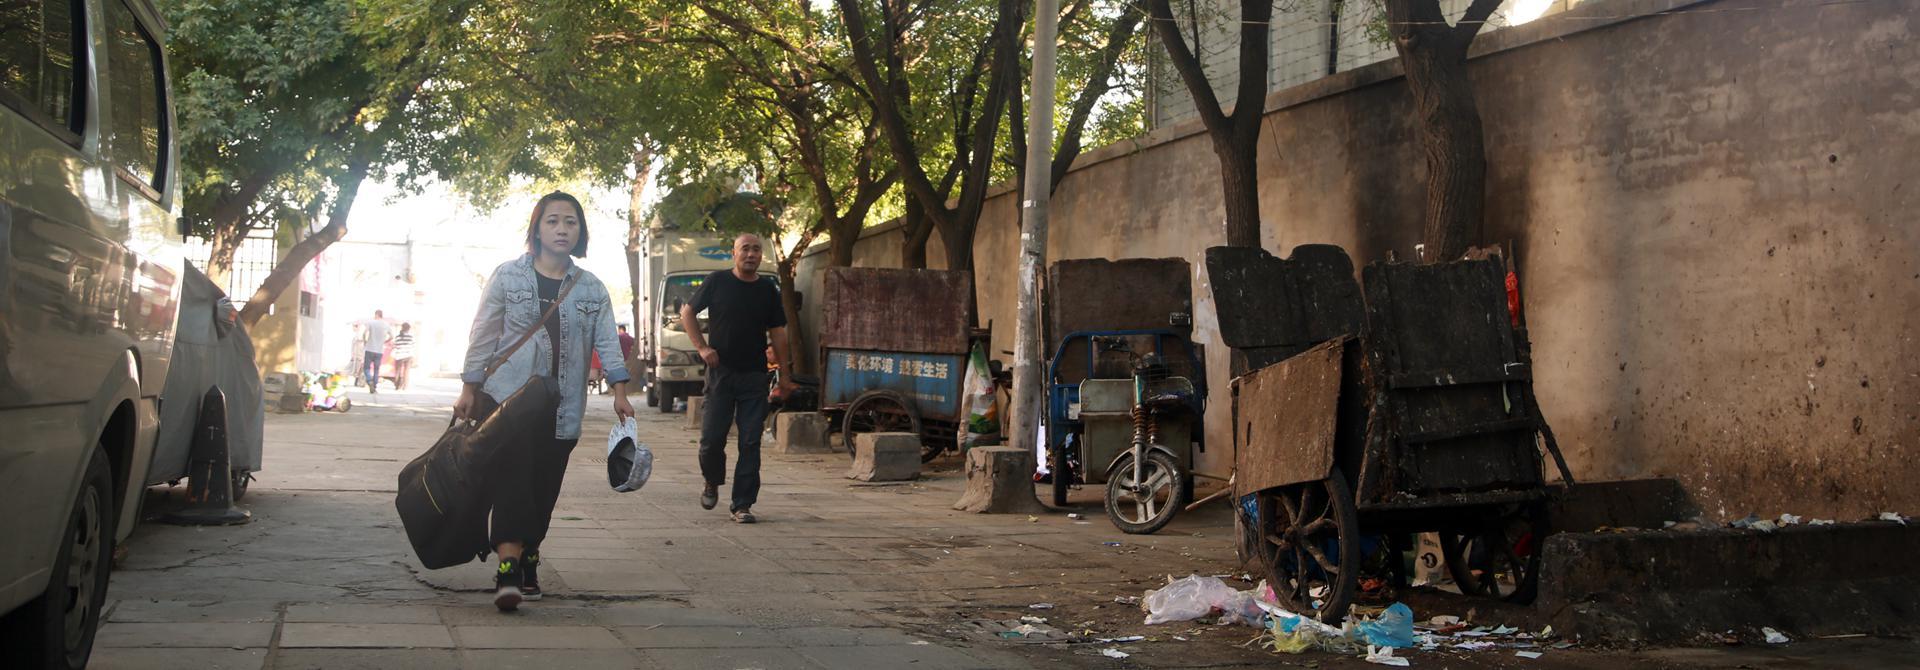 鬧市孤島——城中村安家樓印象